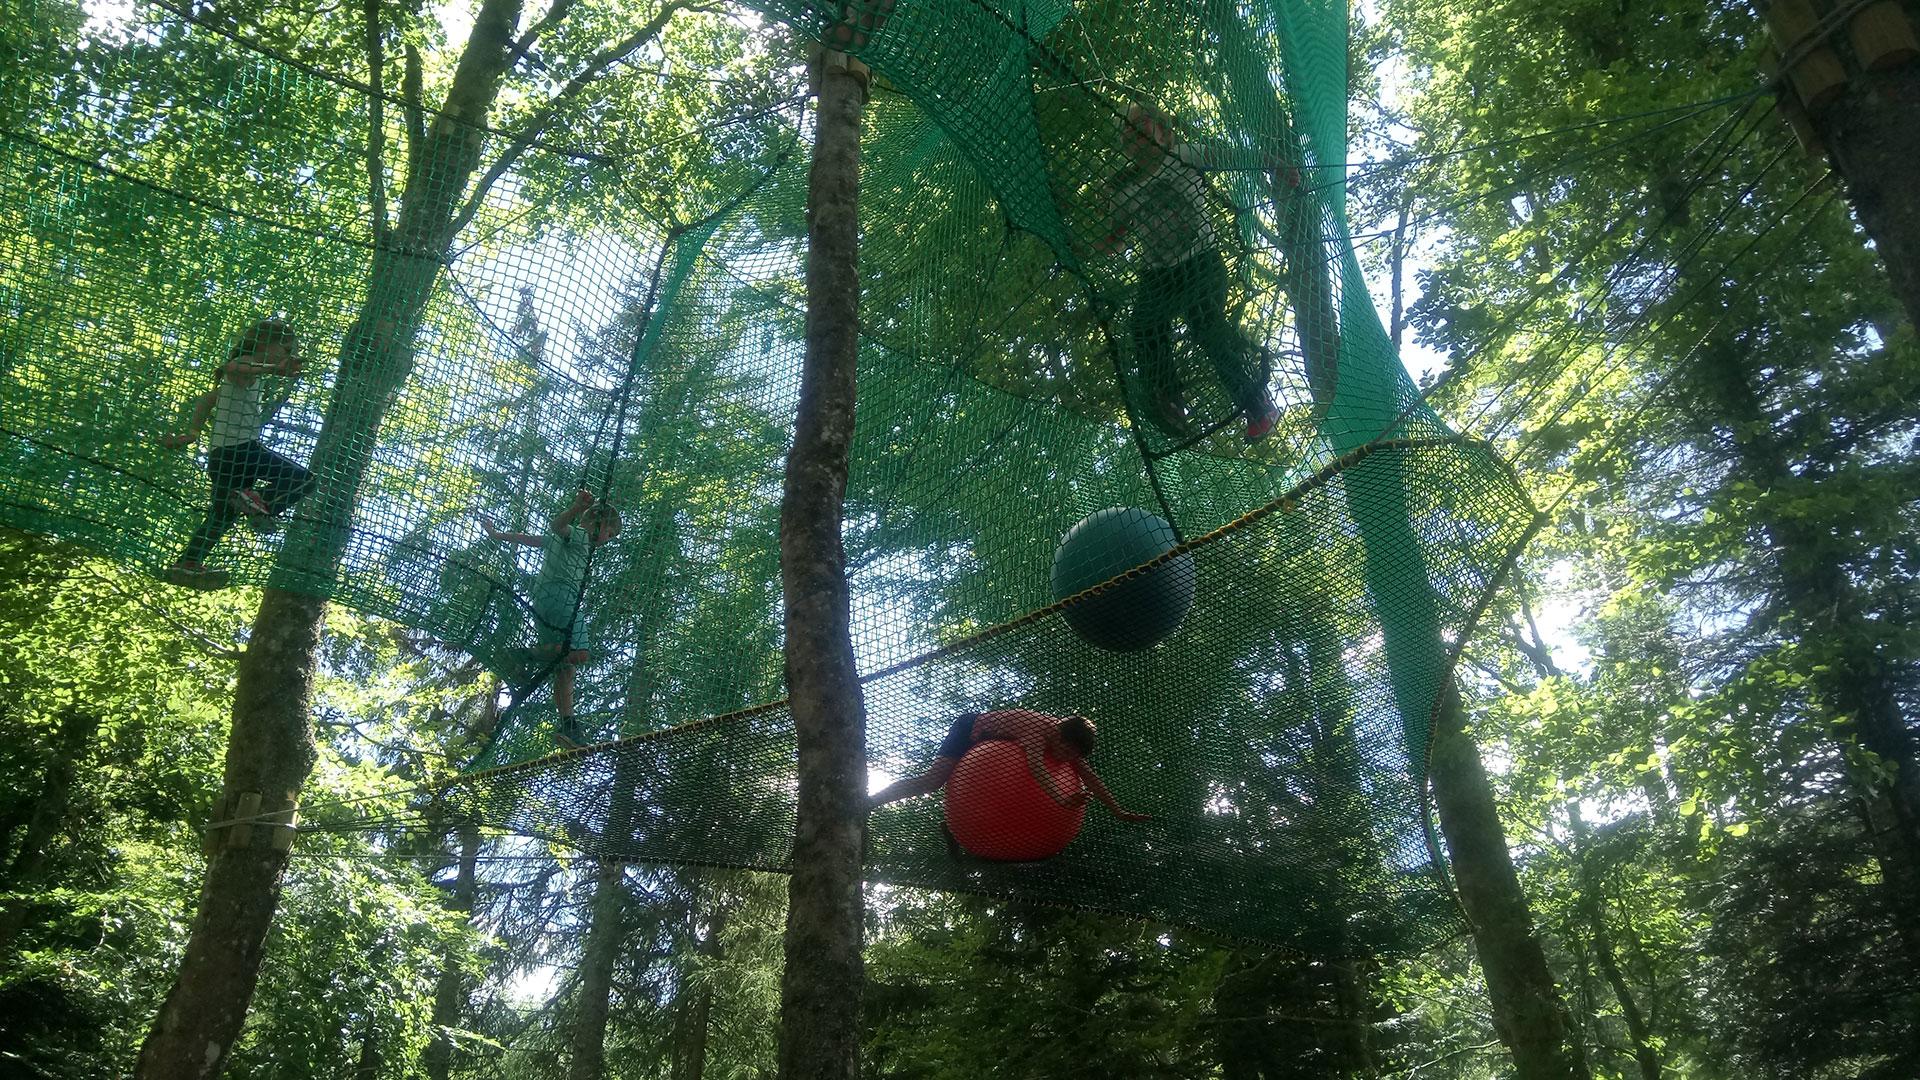 parc-activite-montagne-praboure-filets-suspendus-full-a